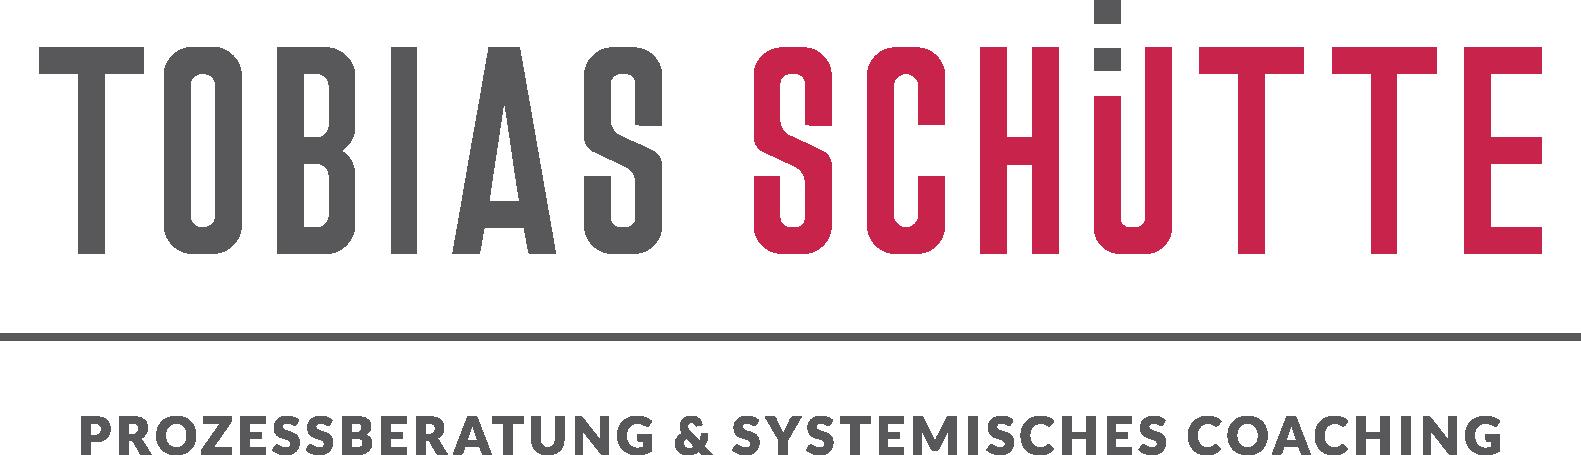 Logo-Tobias Schütte-Prozessberatung & Systemisches Coaching